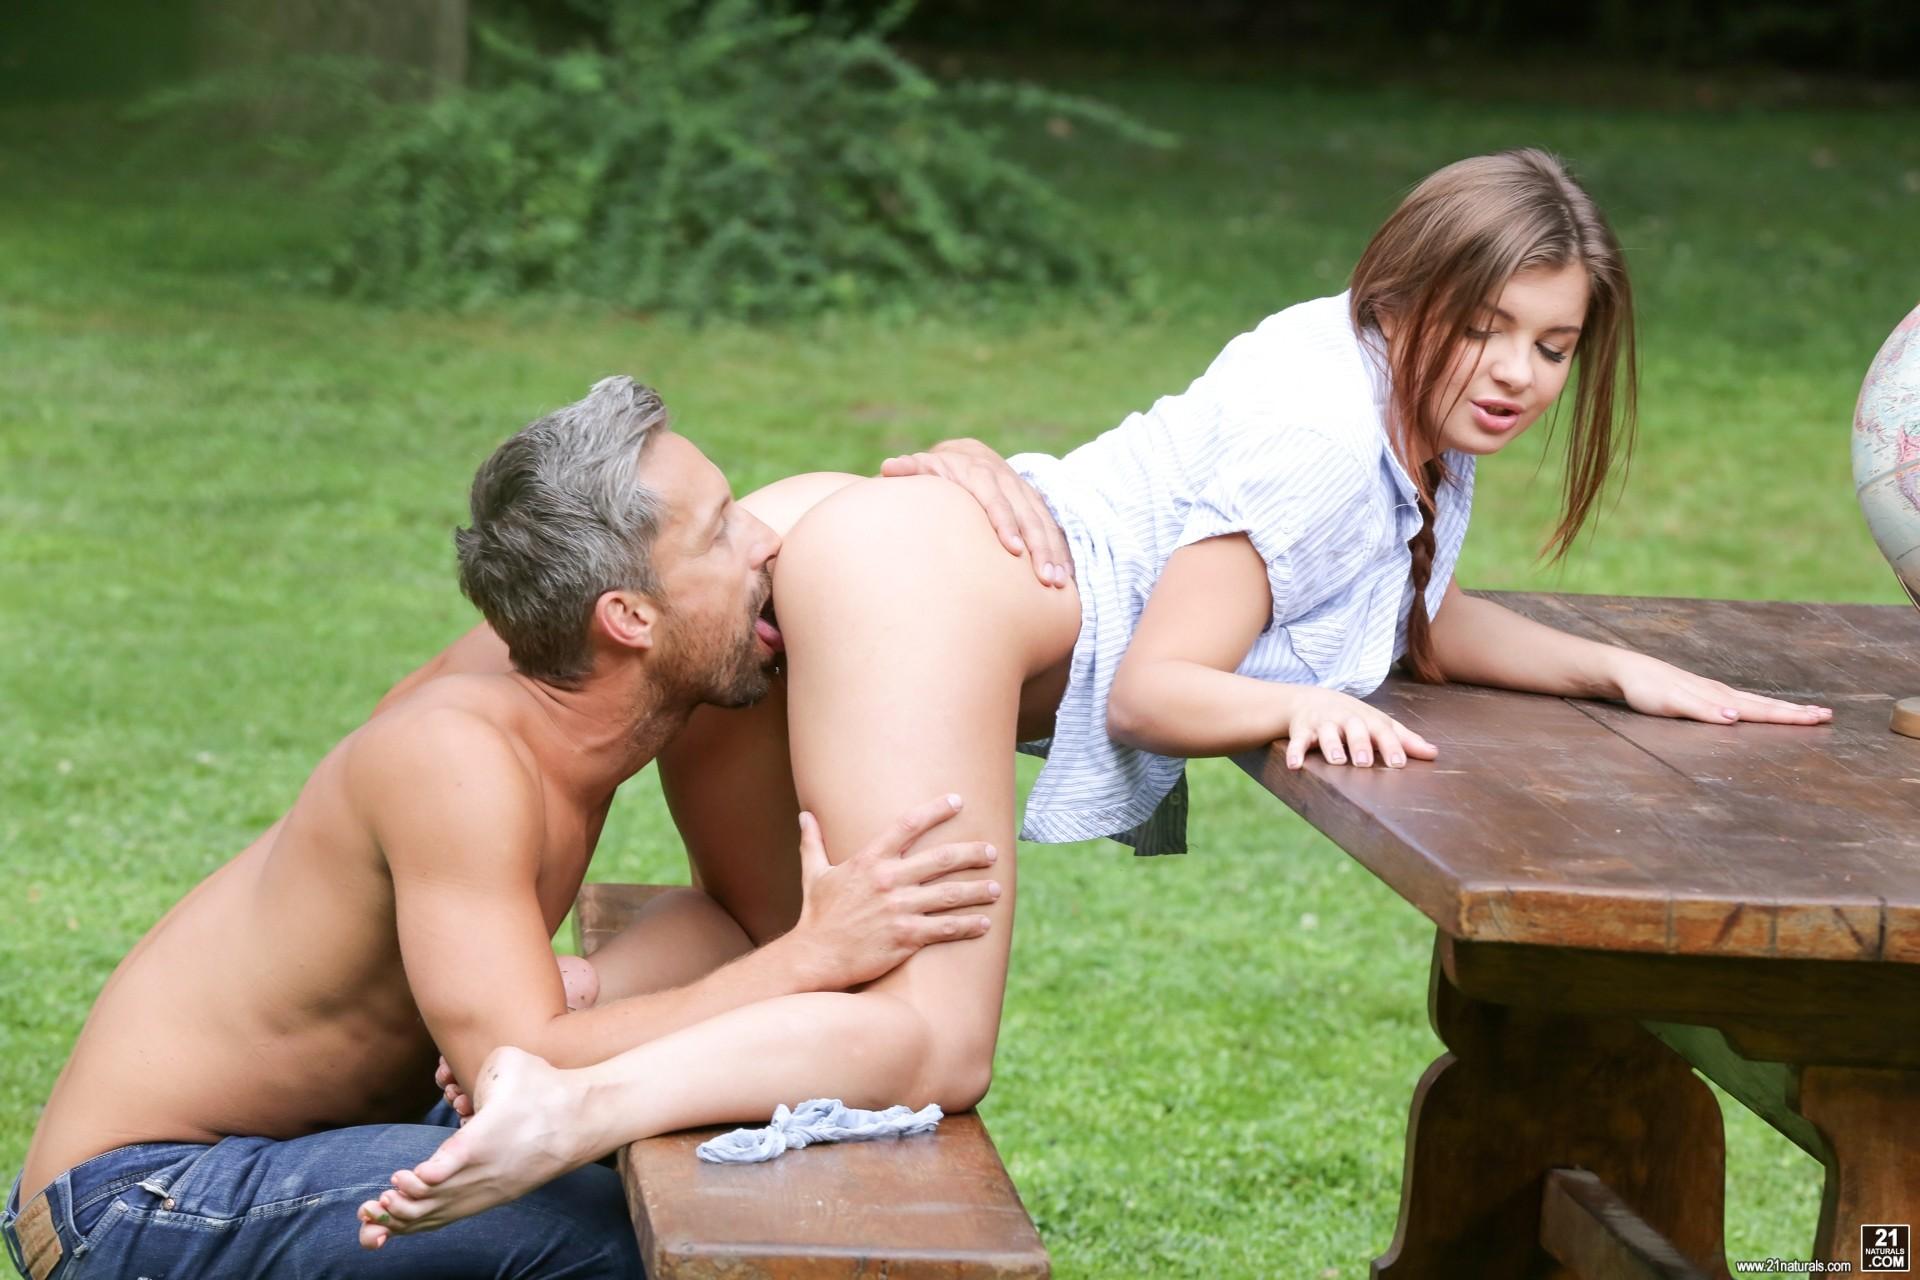 Седой мужик оттрахал молоденькую Ренату в лесу на пикнике